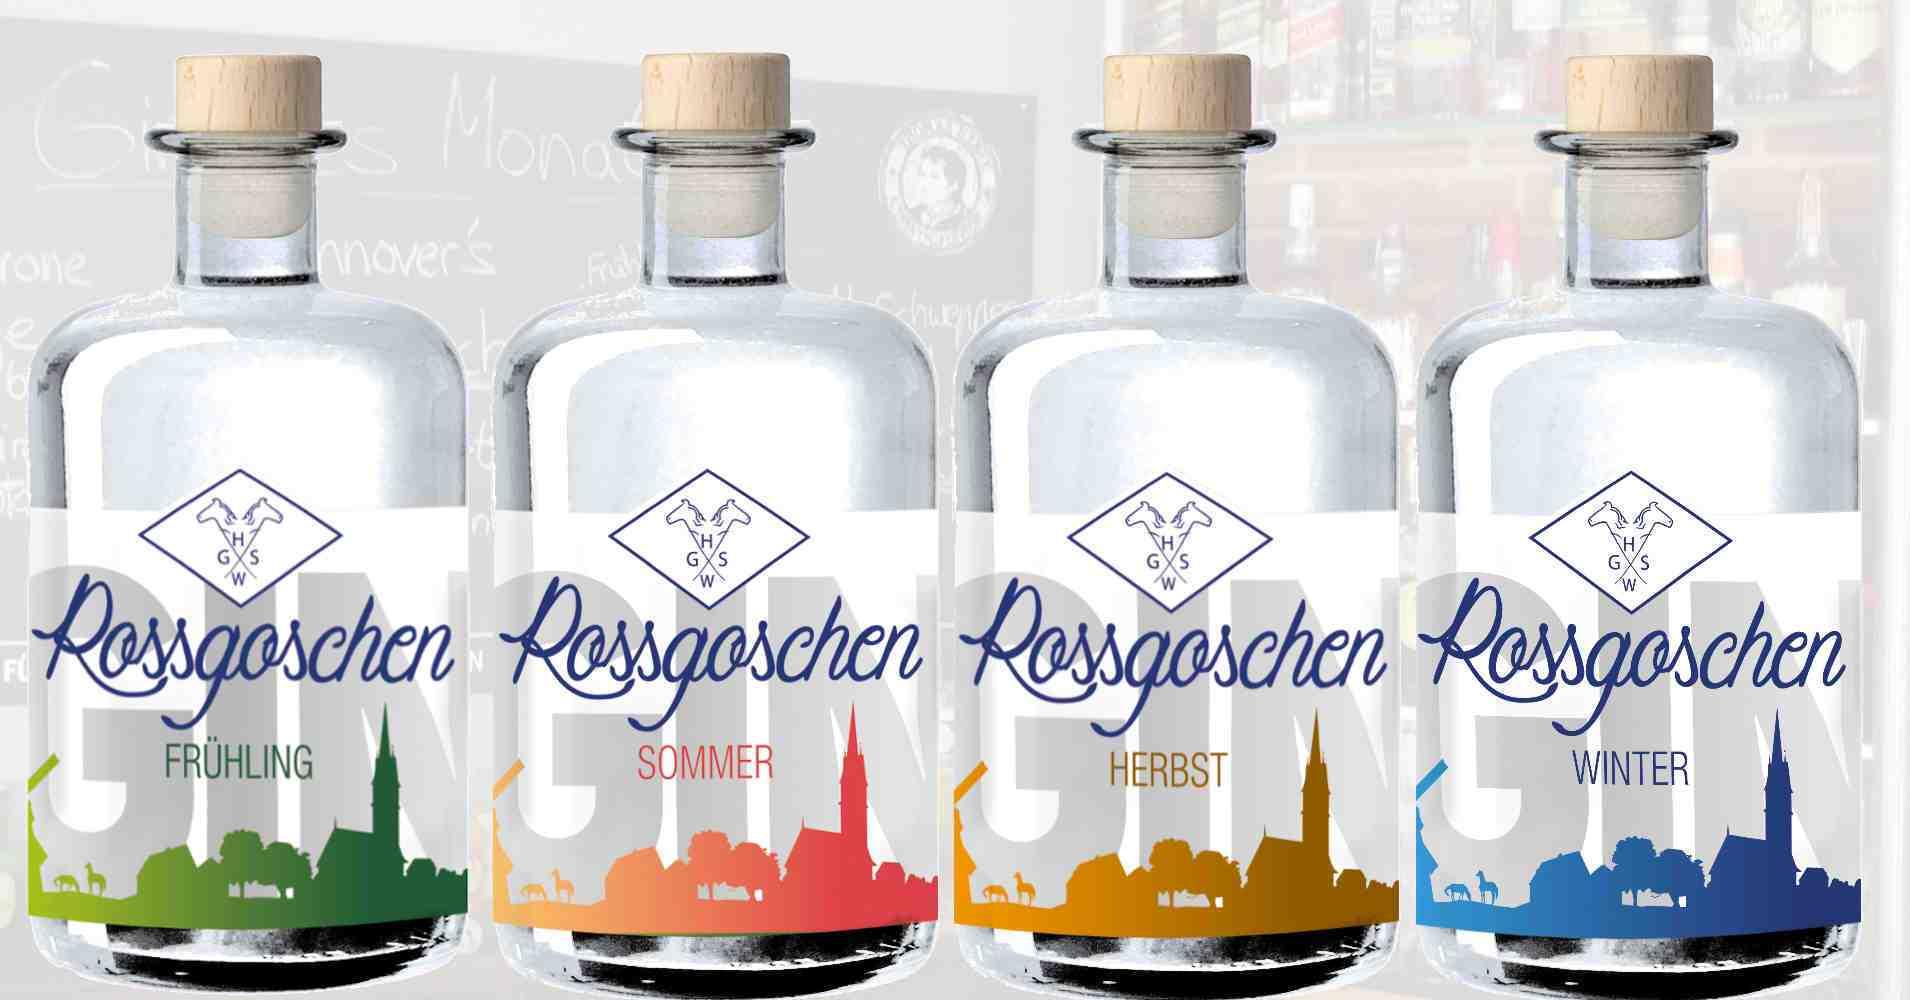 Alle 4 Rossgoschen Gin aus Hannover